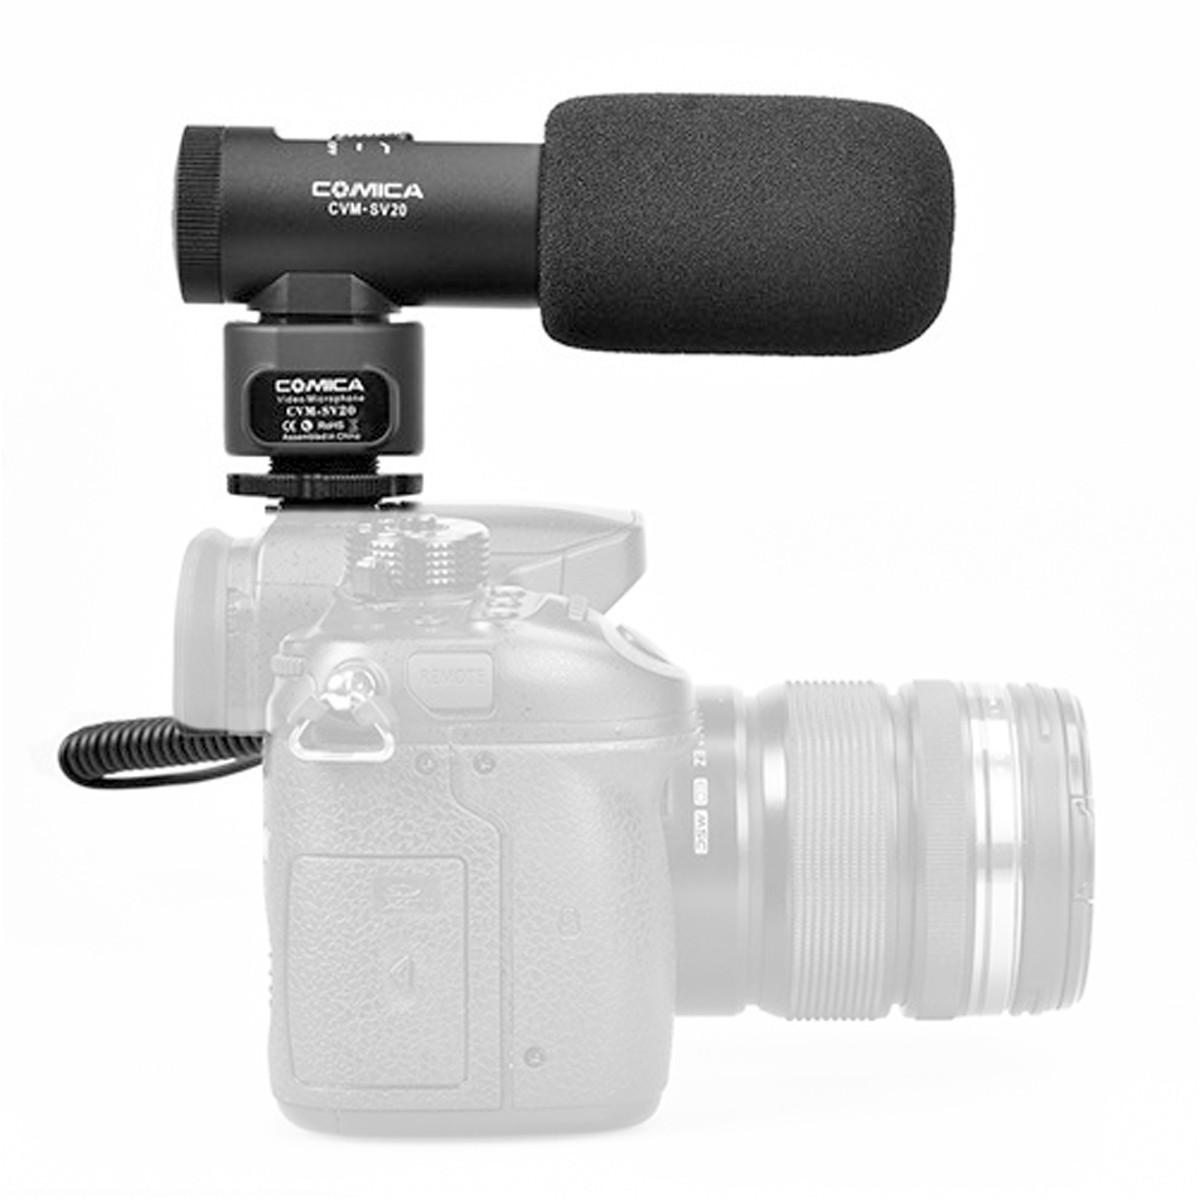 Microfone Shotgun p/ Câmera com 2 capsulas Comica CVM-SV20